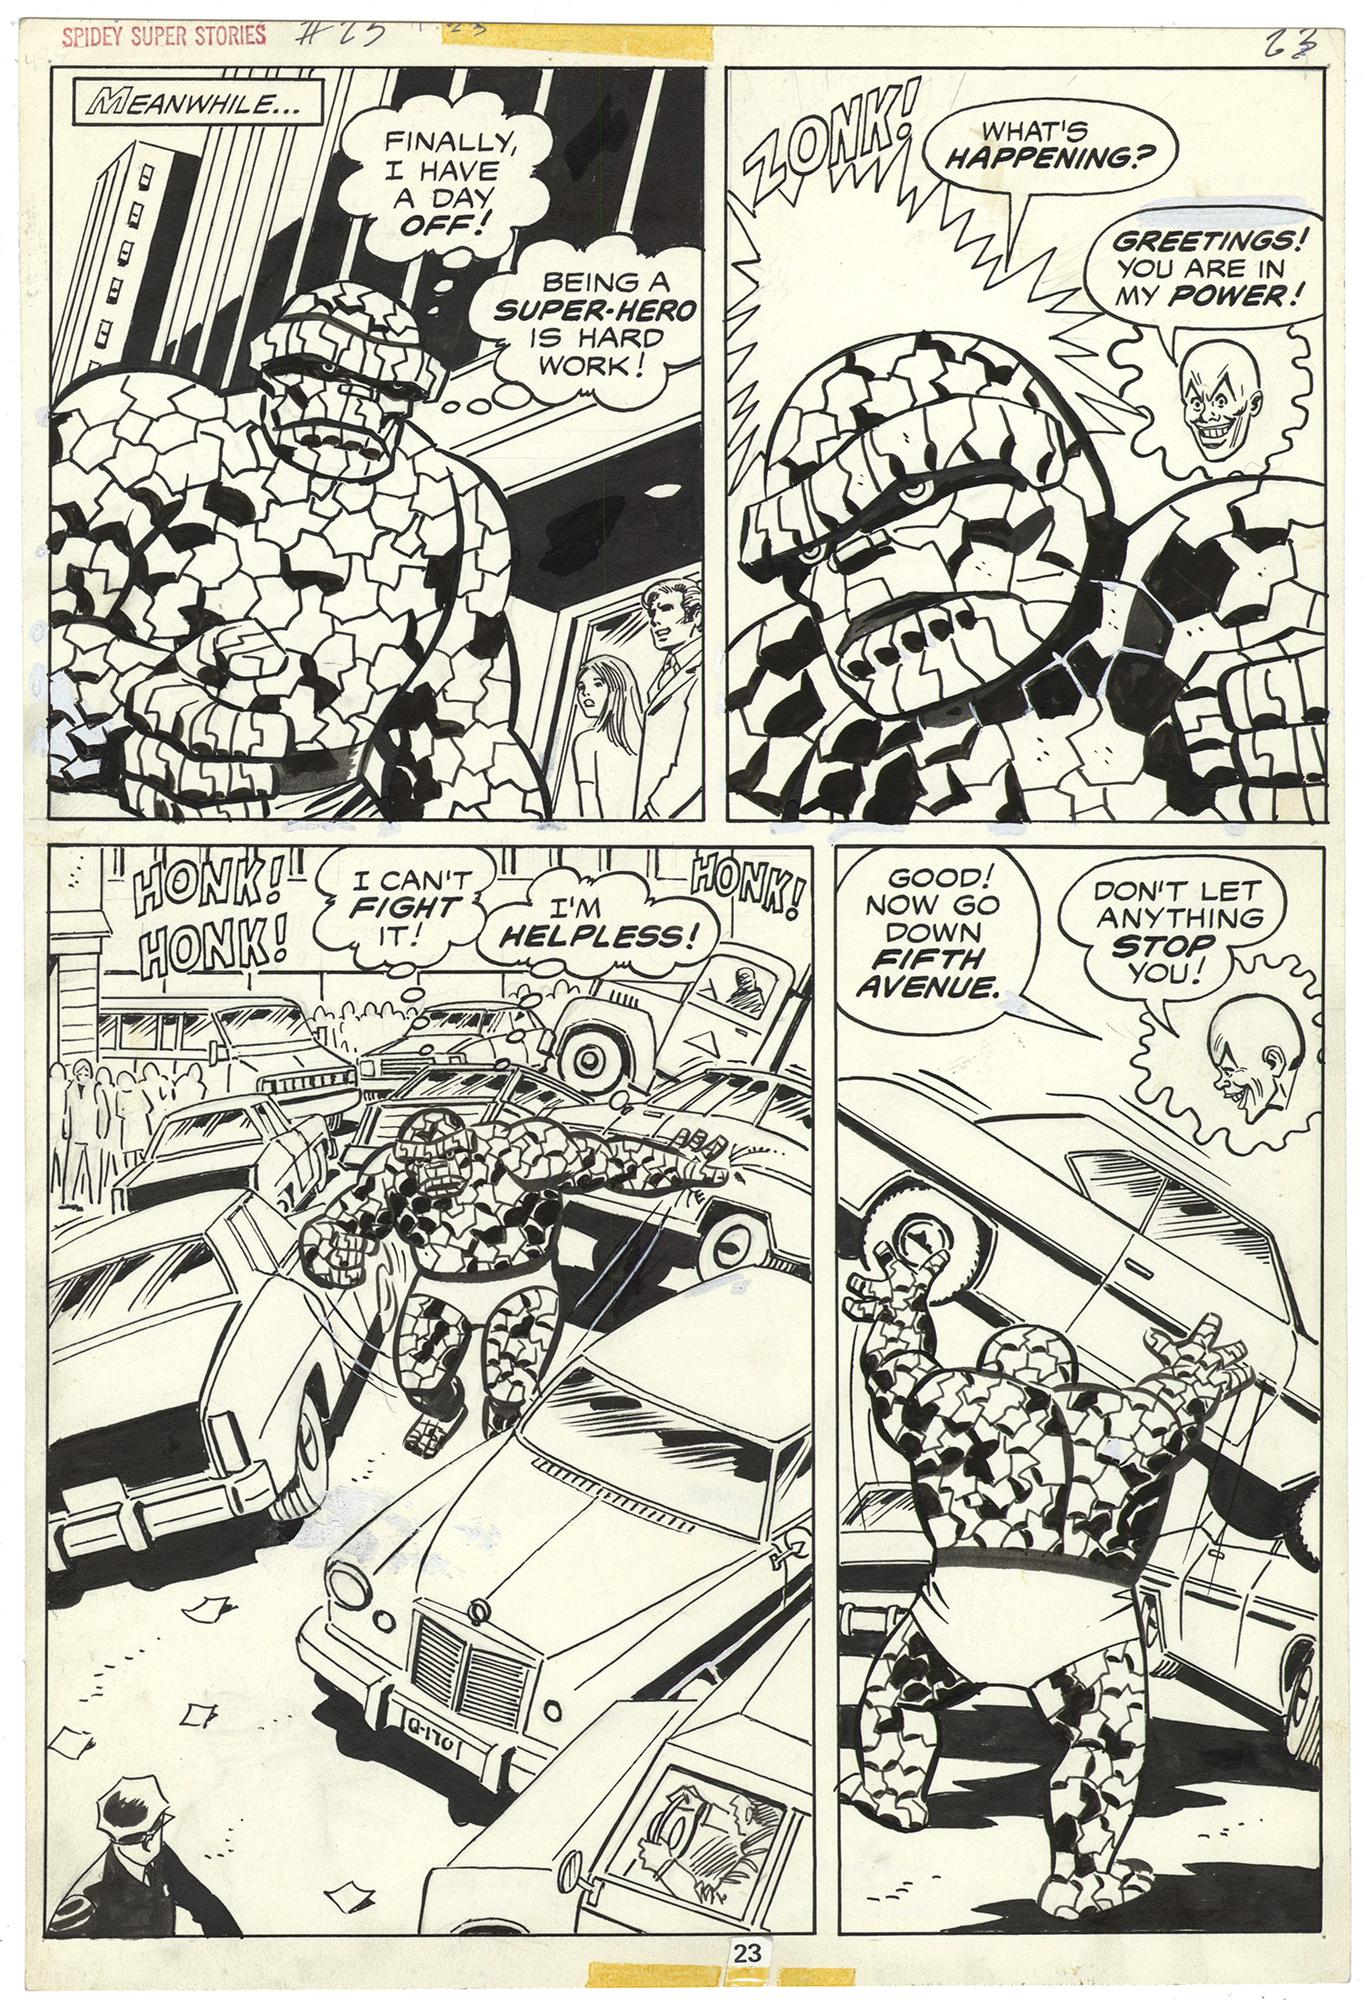 Spidey Super Stories #23 p23